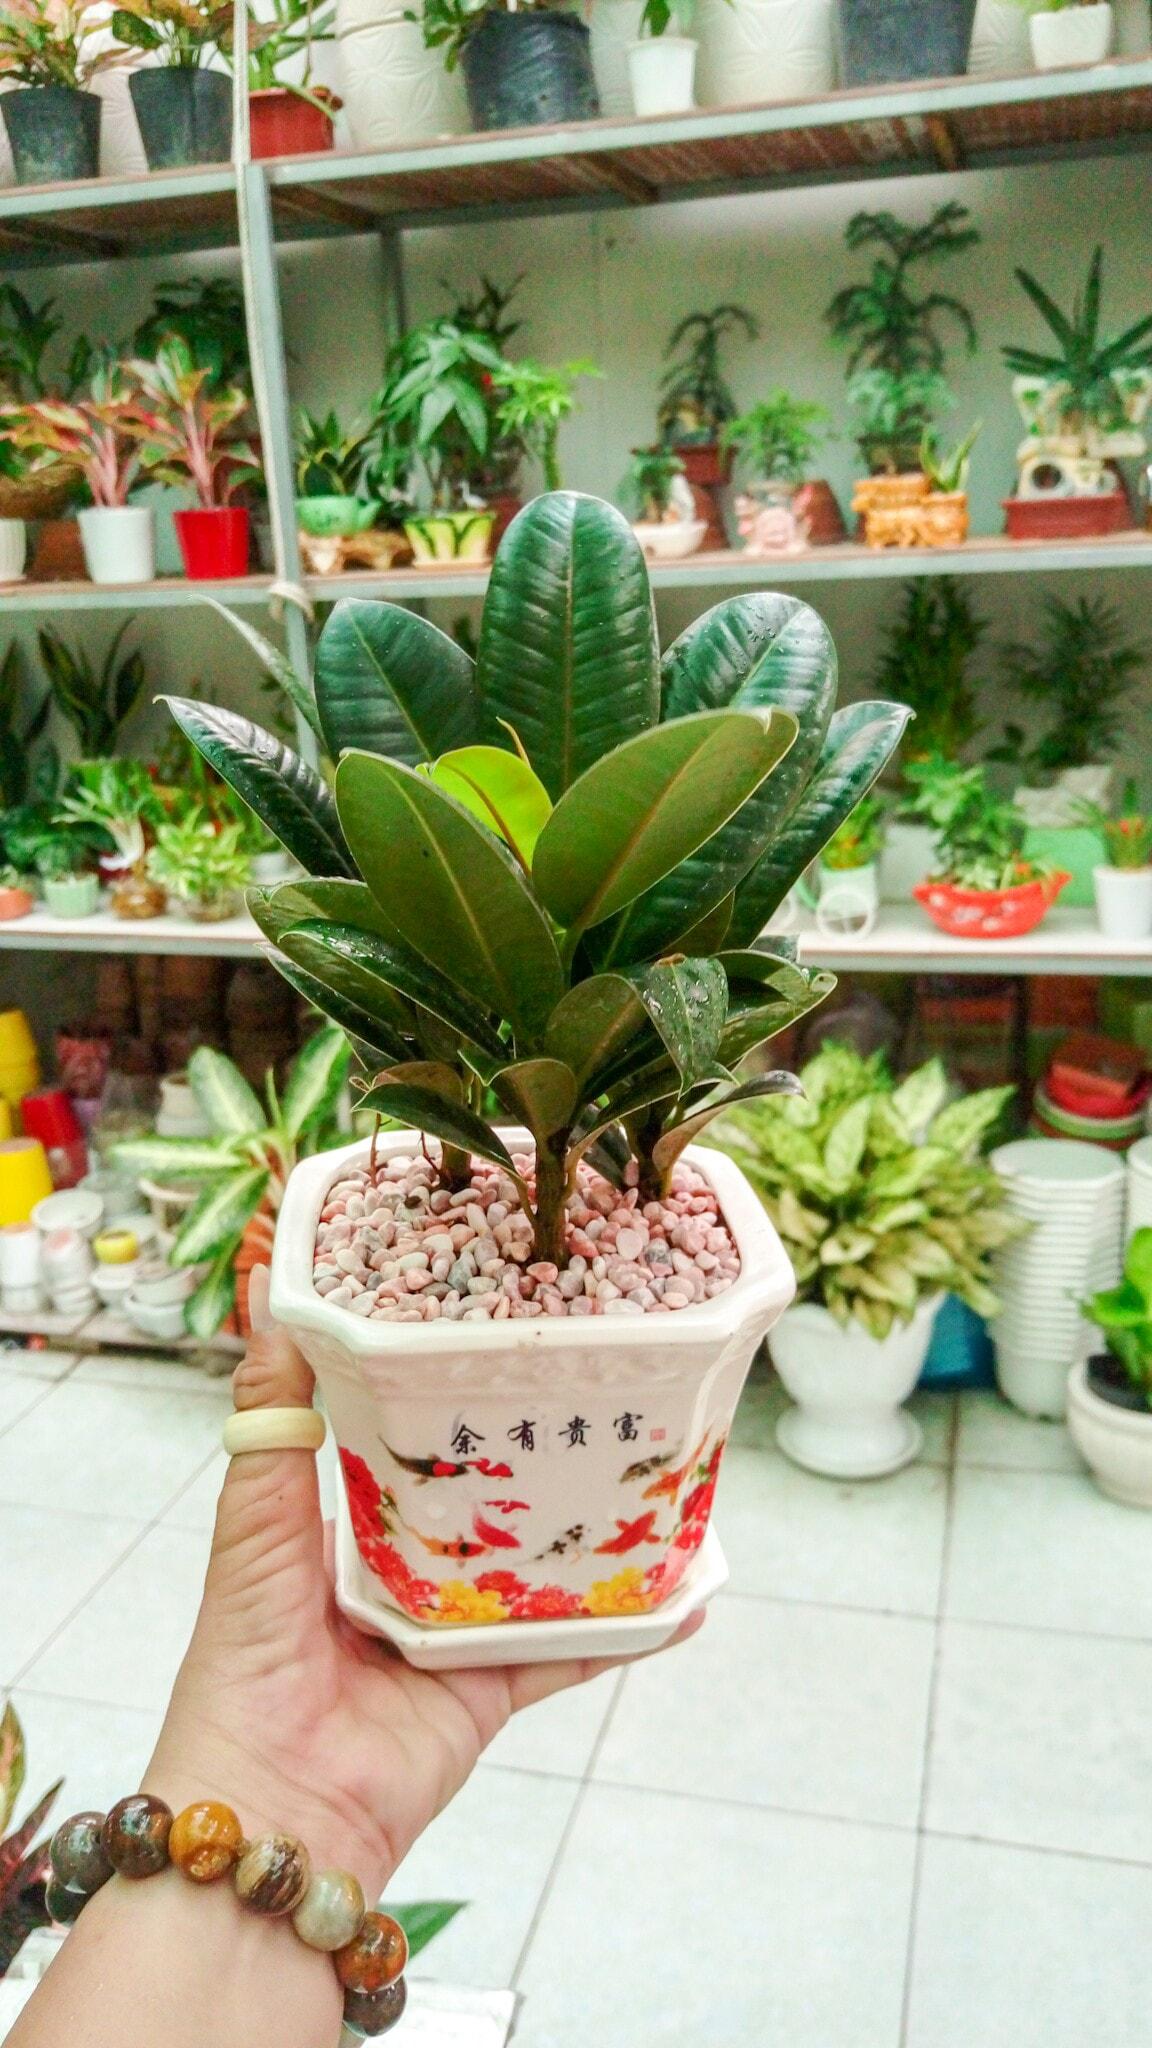 Shop hoa huyện Núi Thành